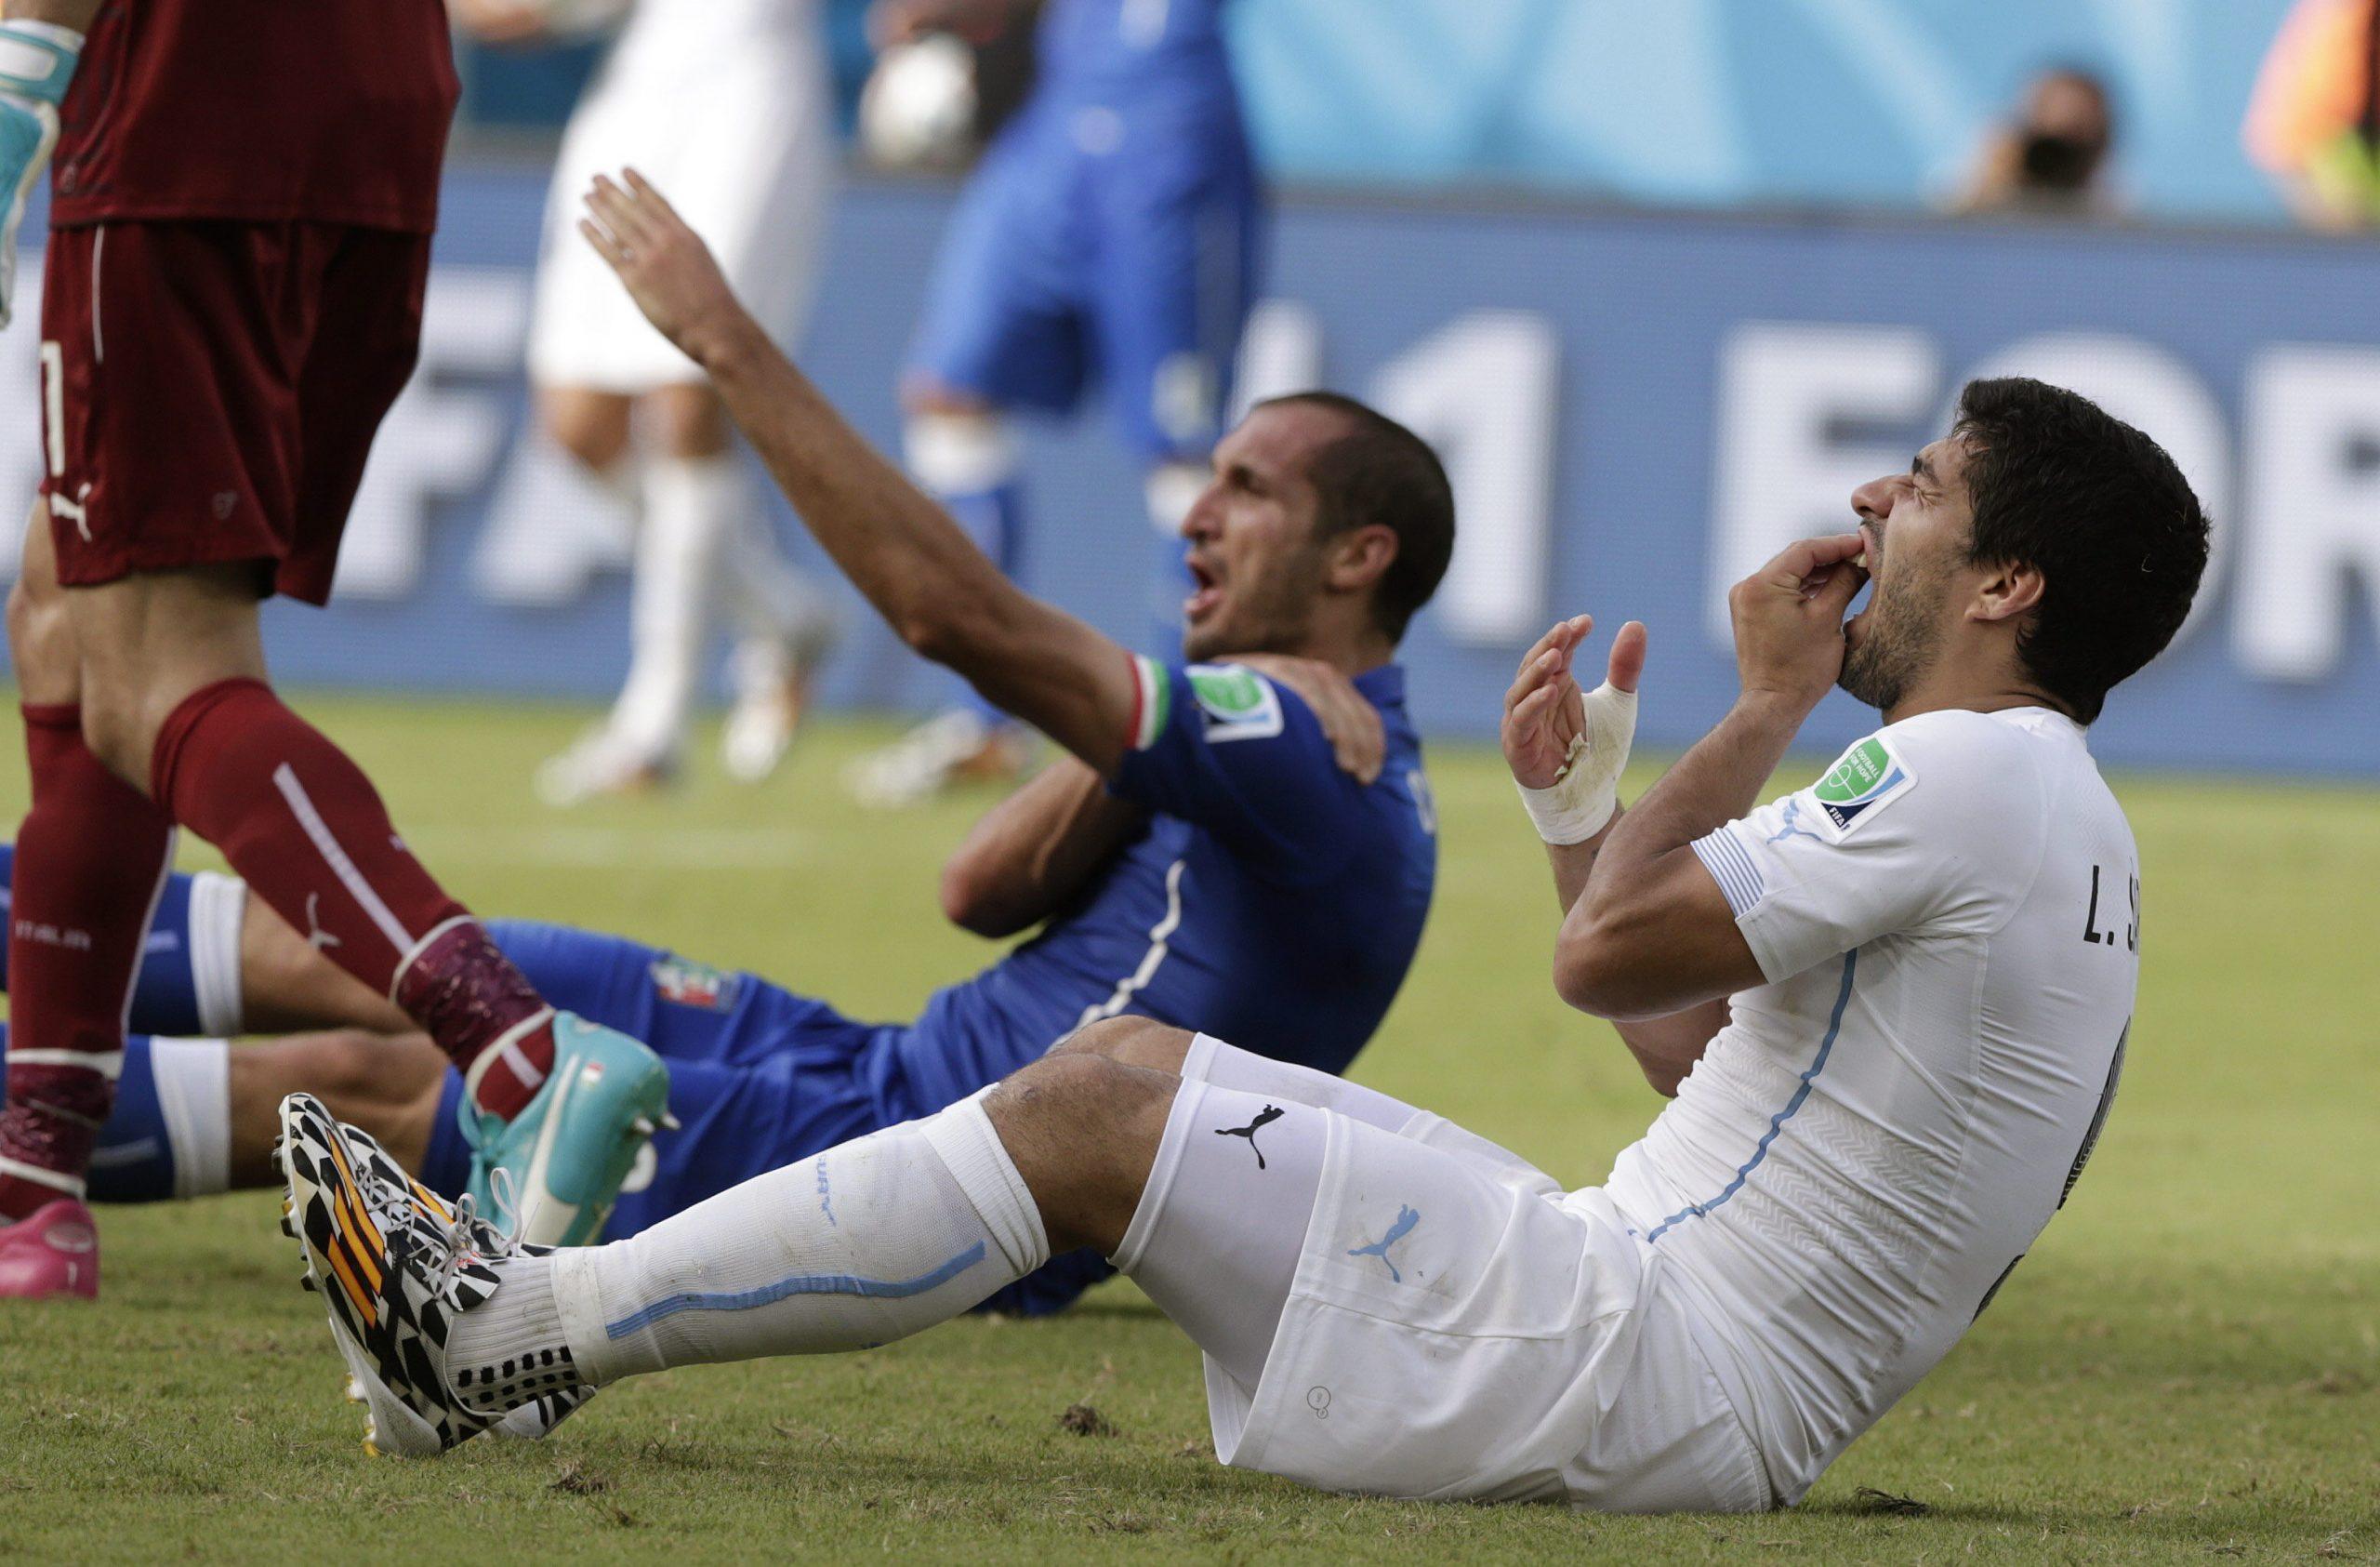 Escândalos que marcaram os mundiais de futebol